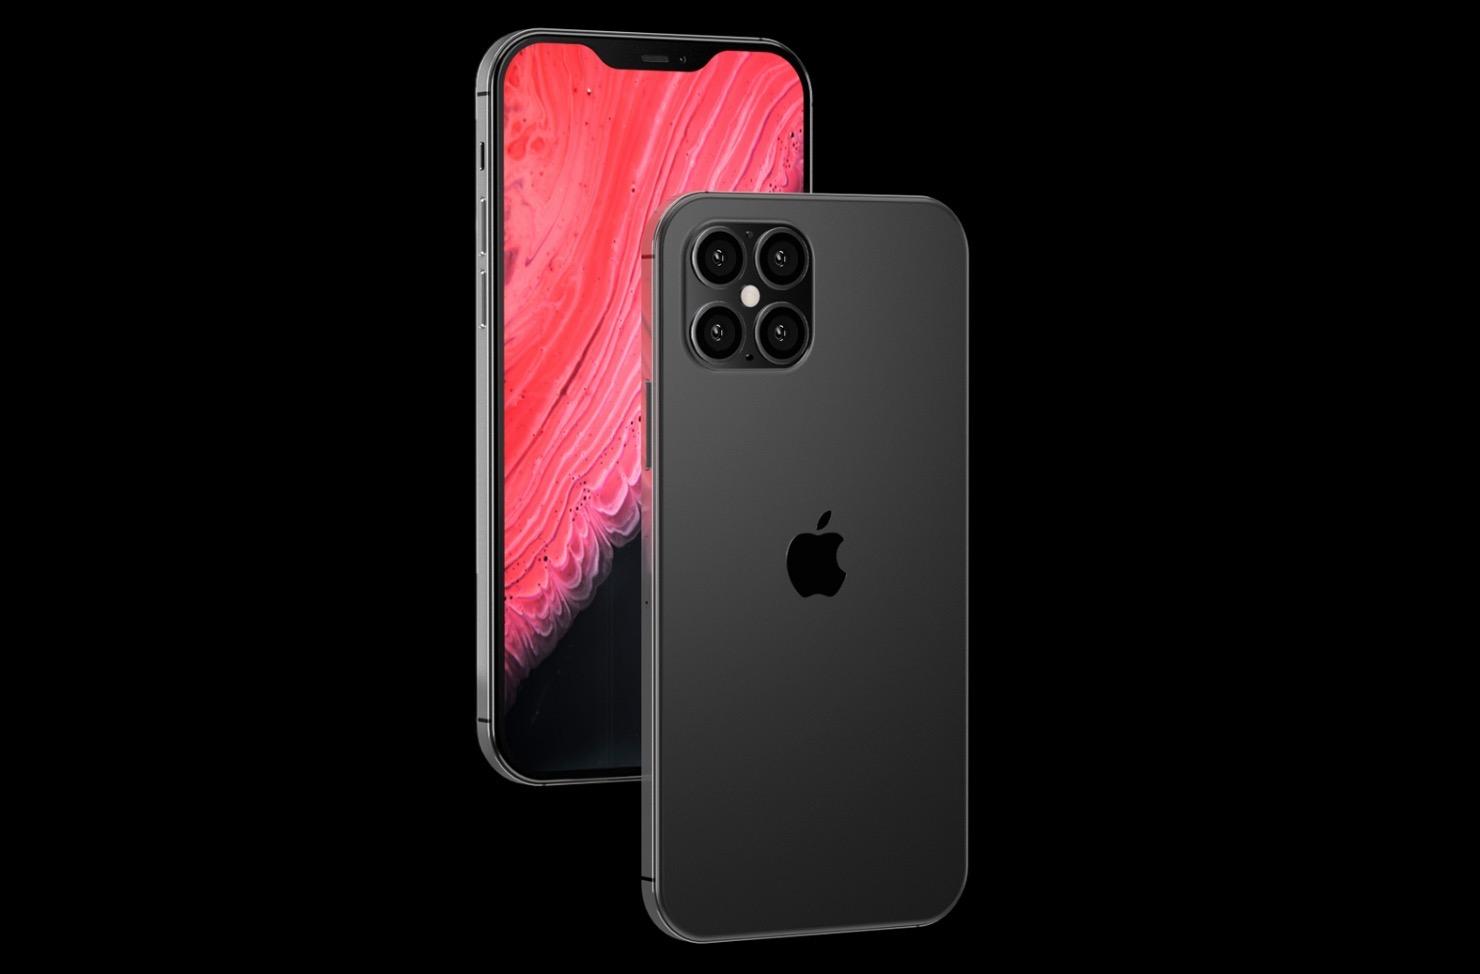 Anche l'iPhone 12 avrà uno schermo da 120Hz